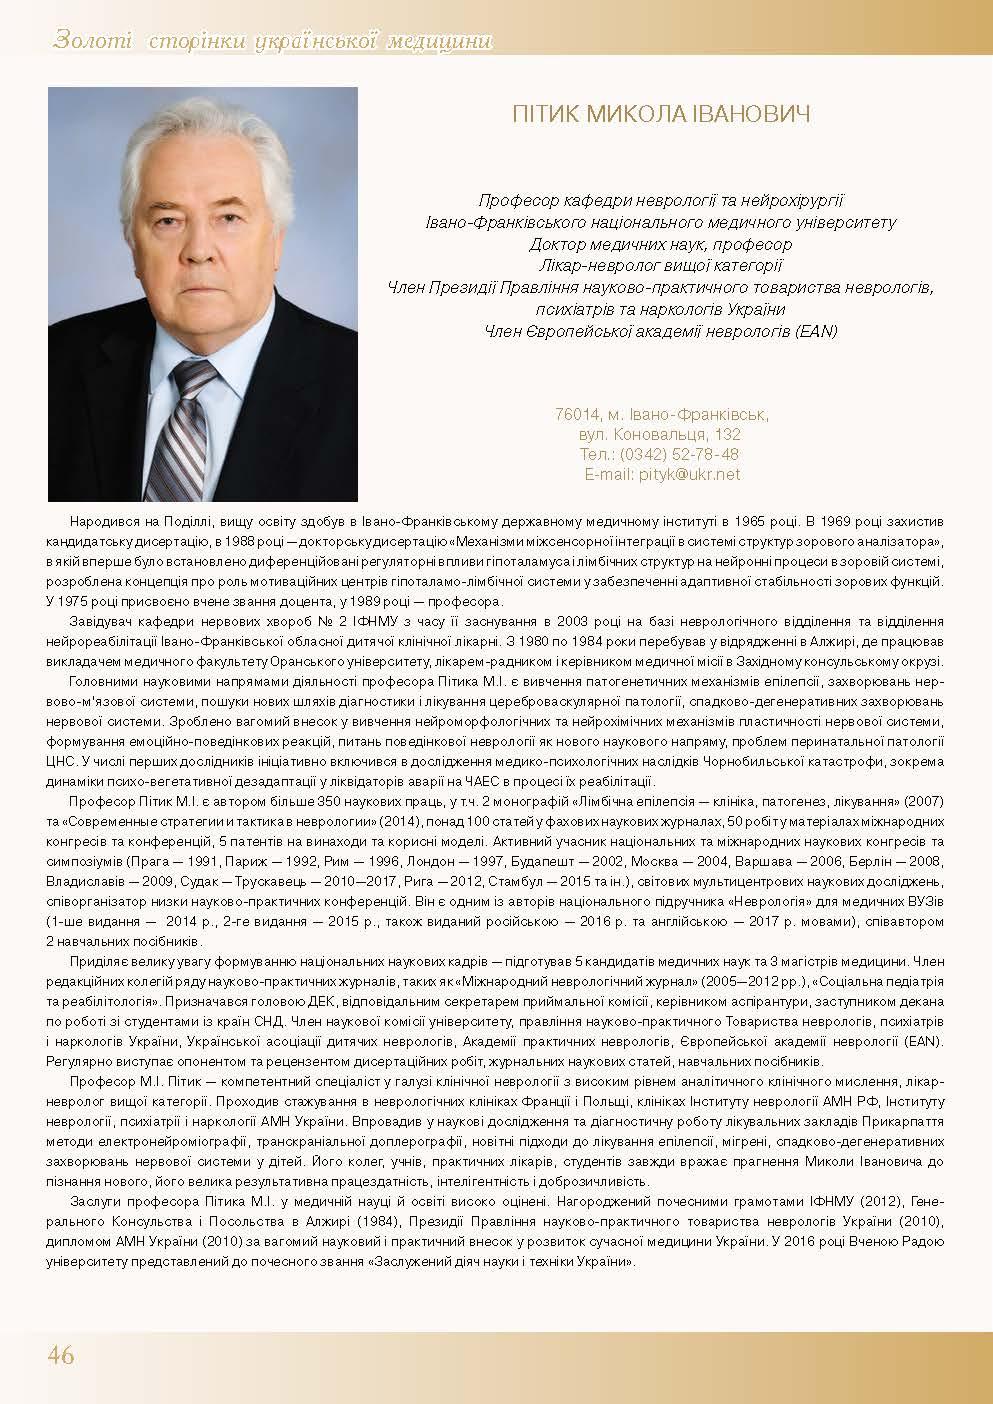 Пітик Микола Іванович